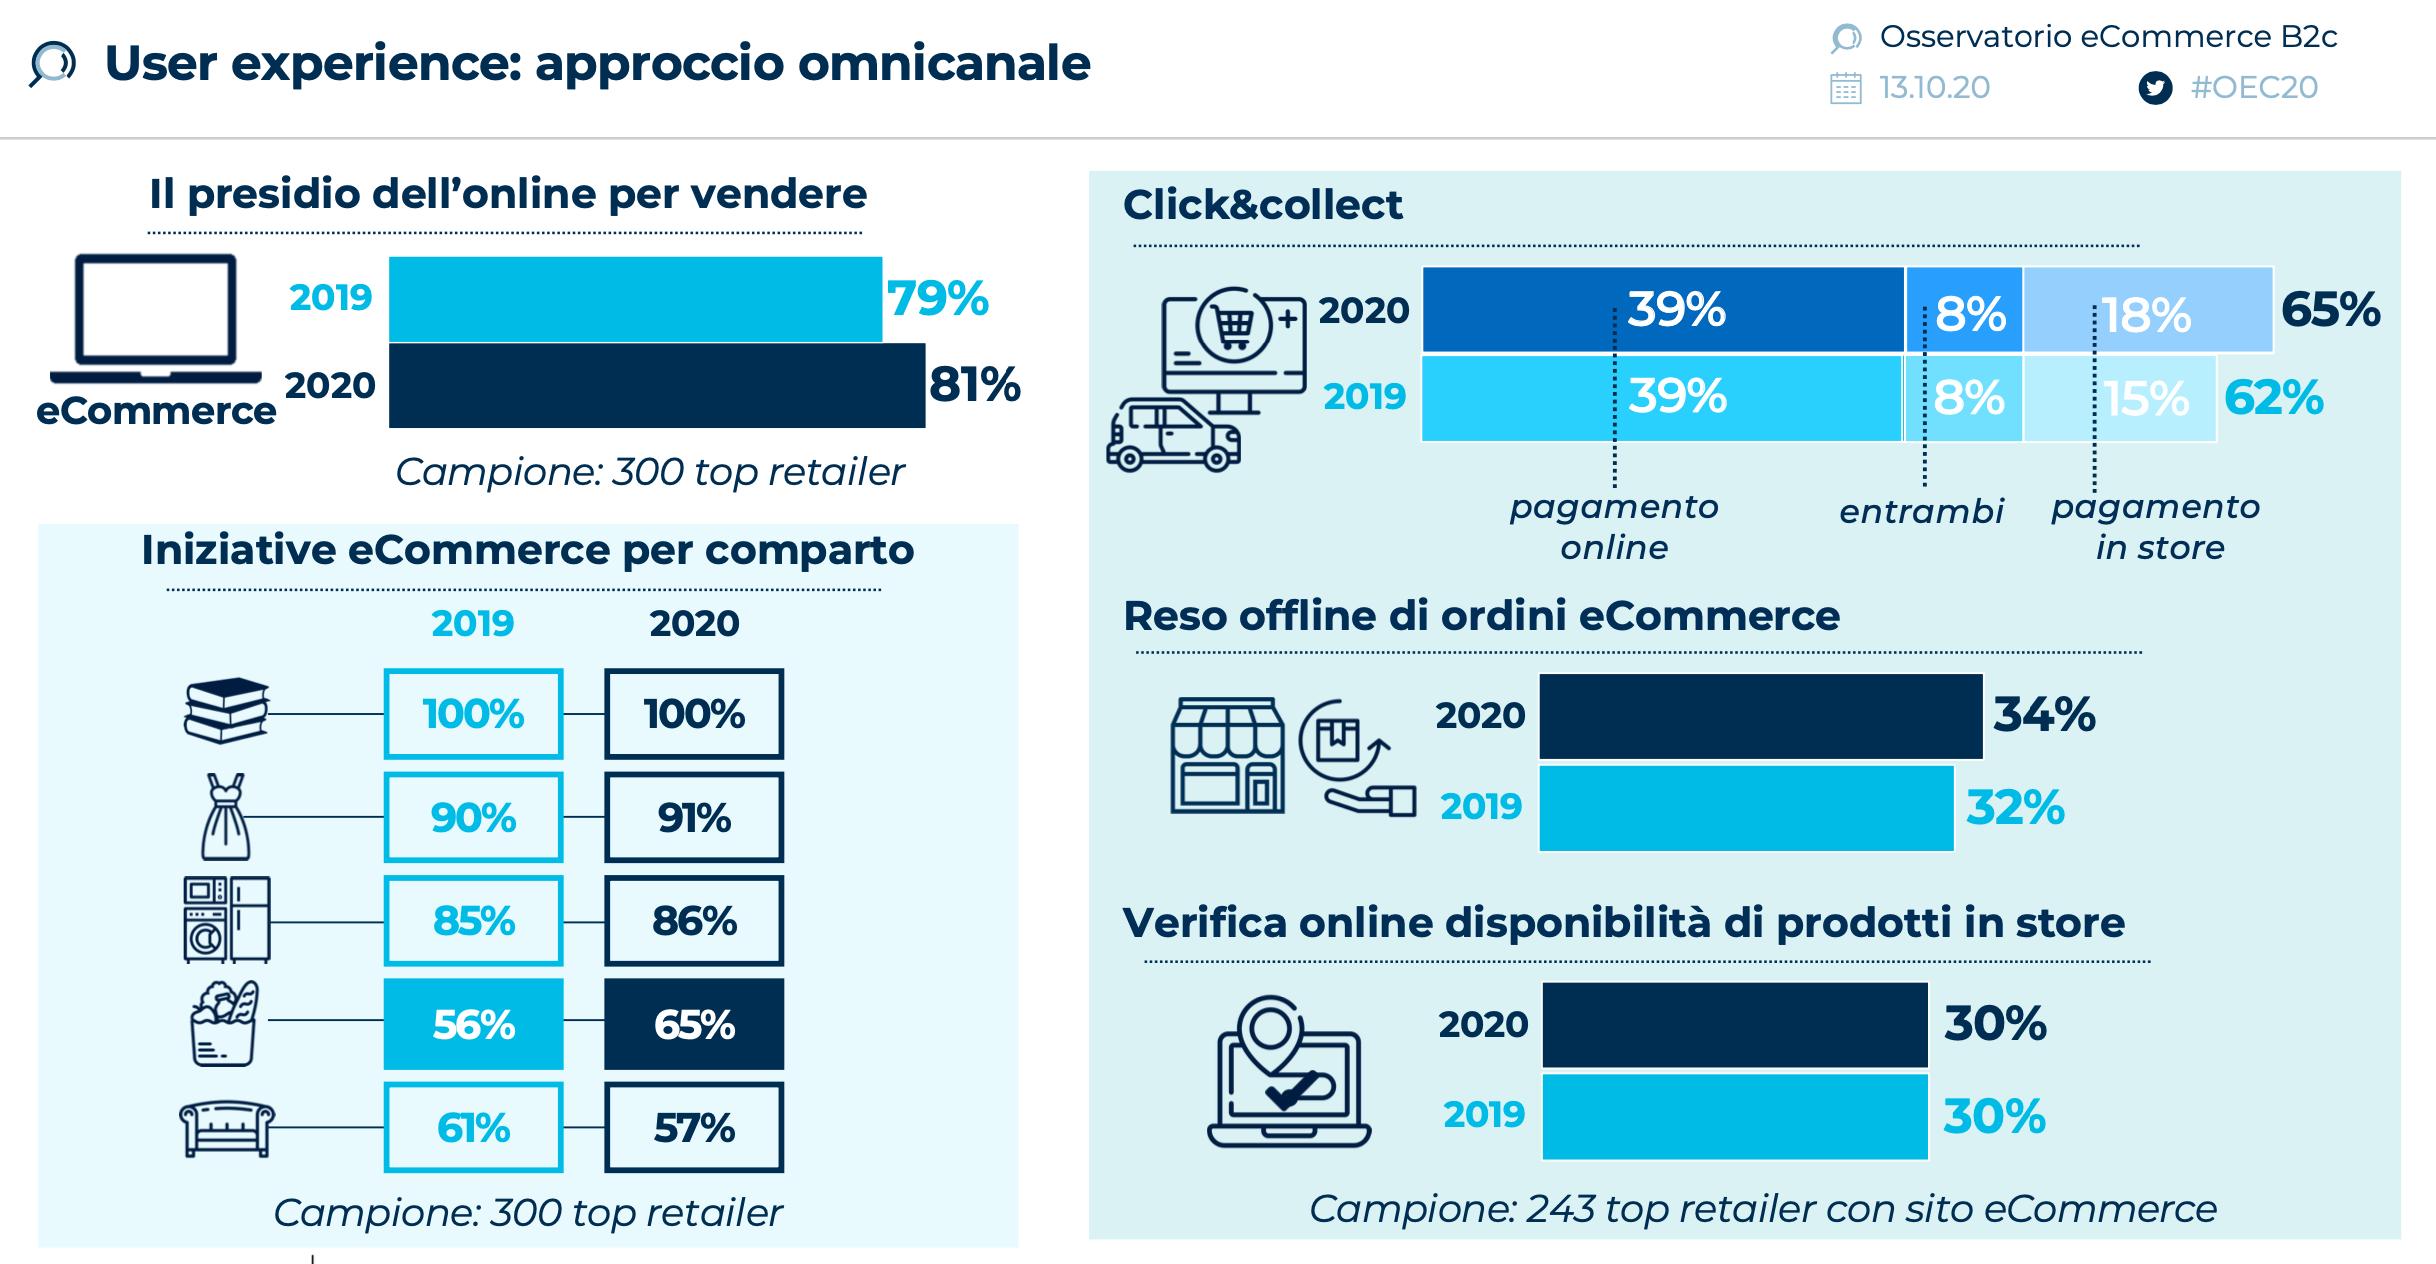 user-experience-approccio-omnicanale-i-dati